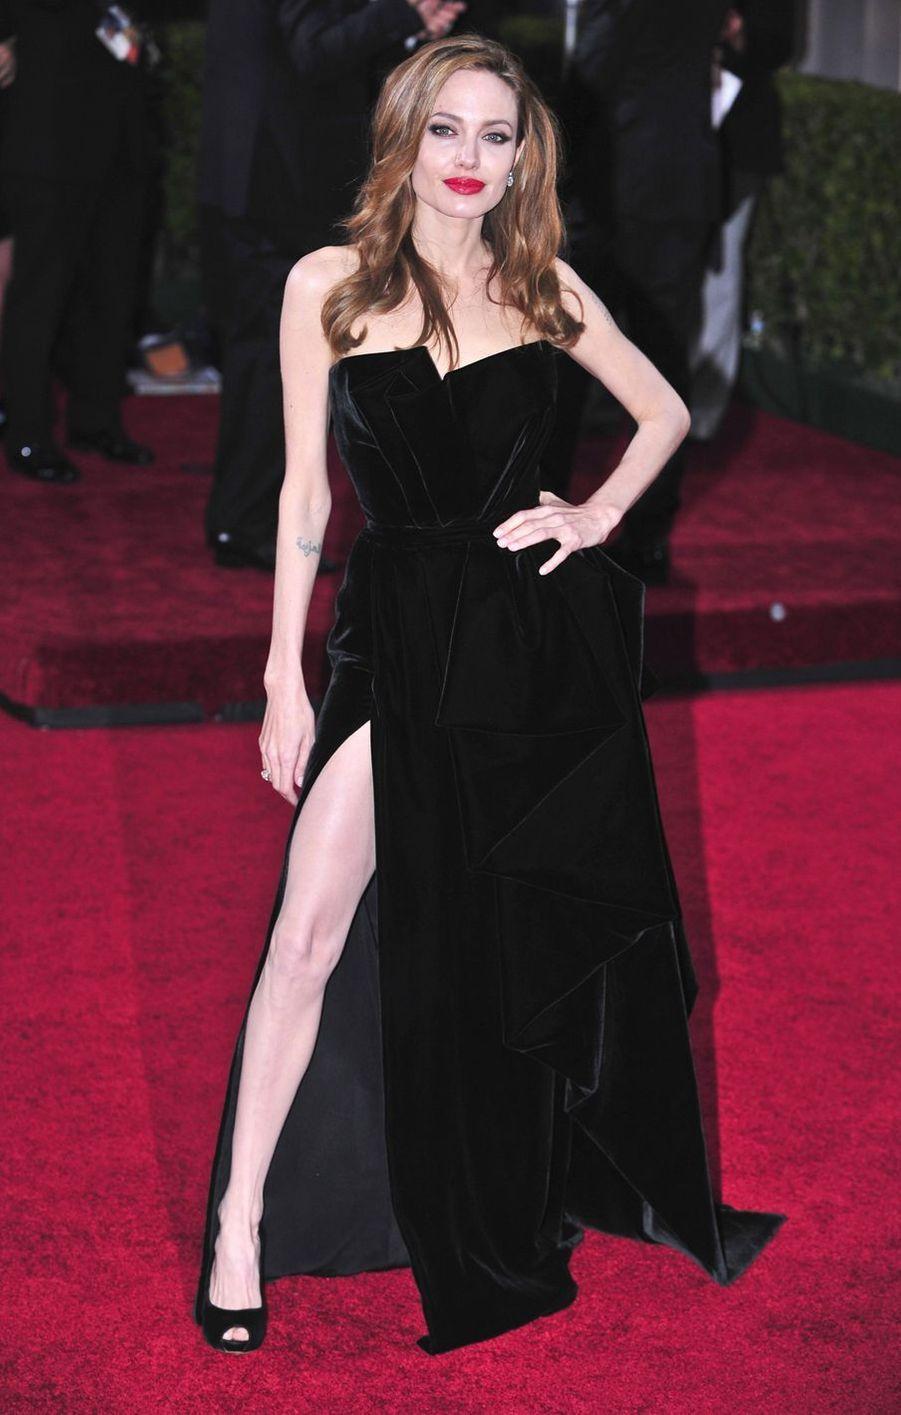 Angelina Jolie lors de la cérémonie des Oscars à Los Angeles, le 26 février 2012